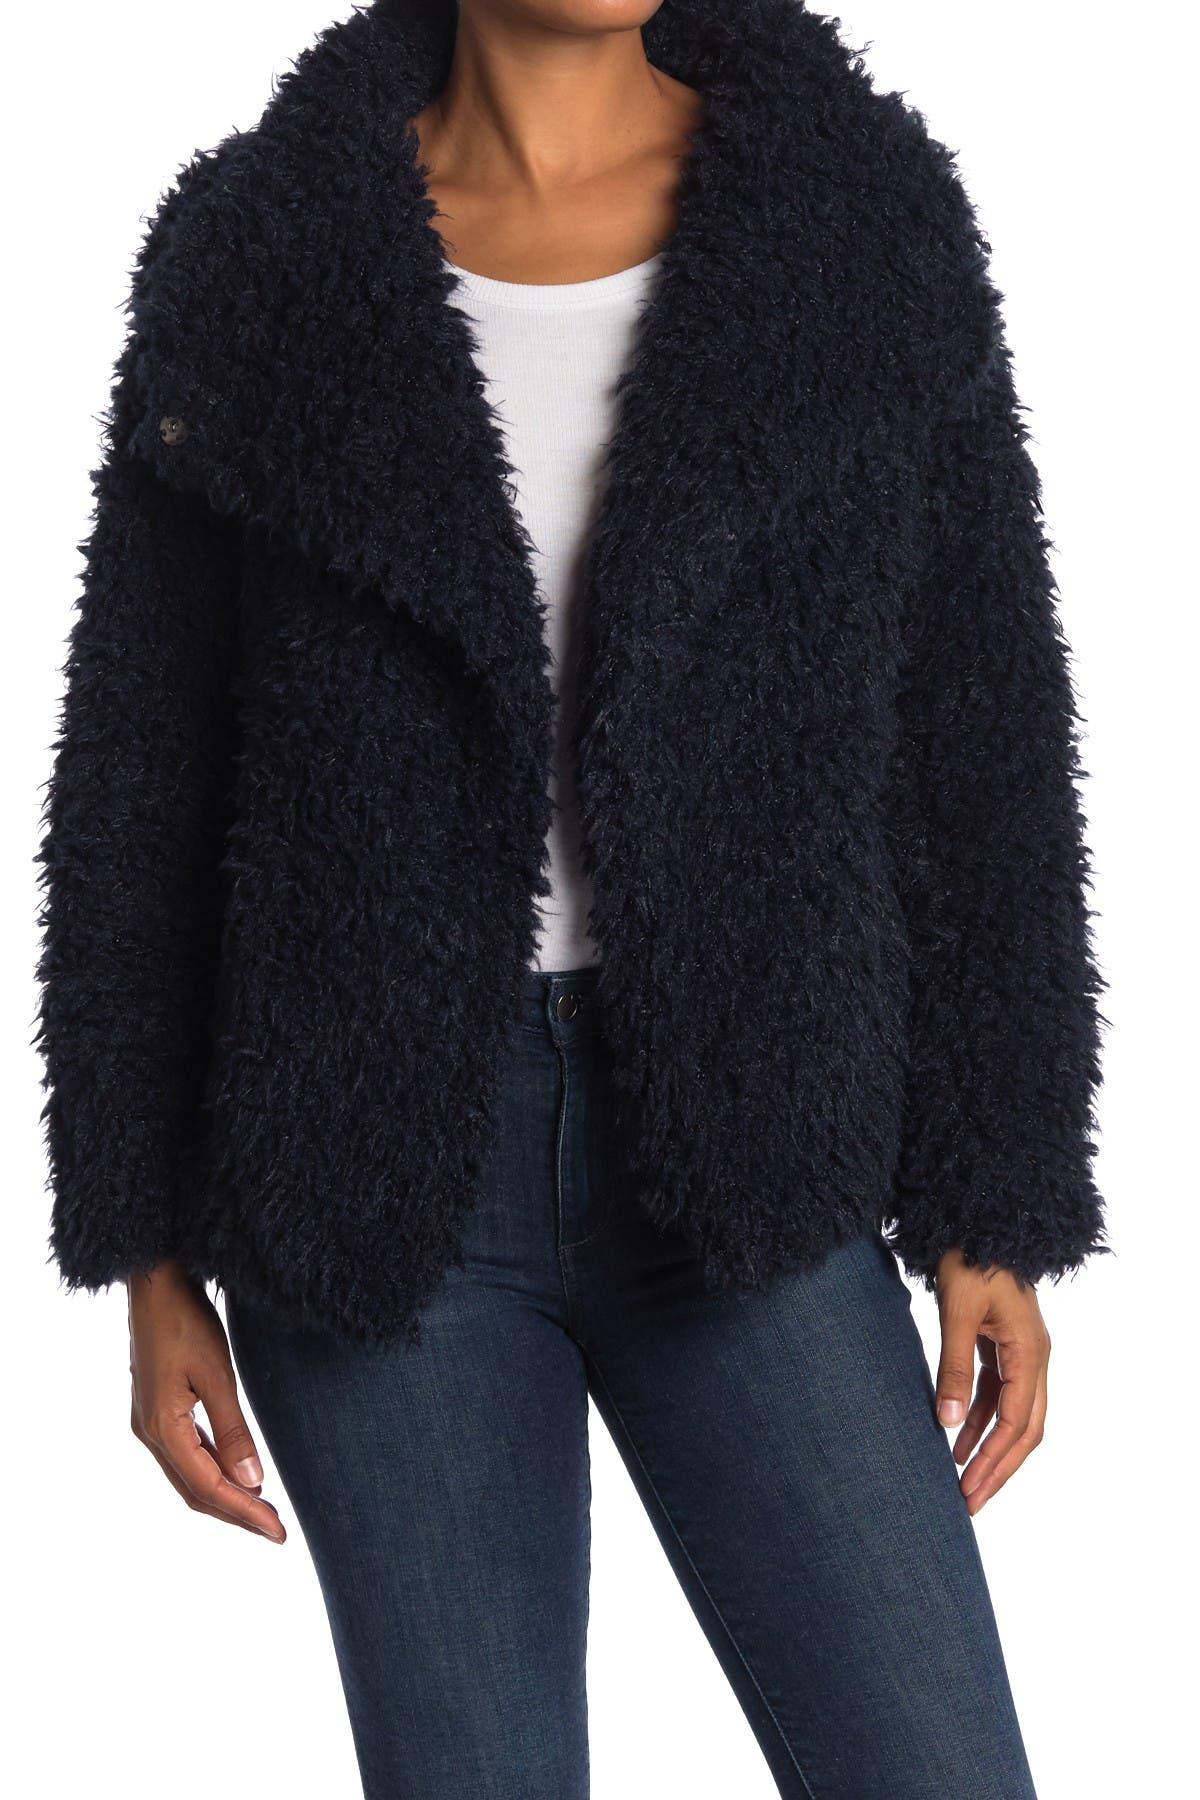 Love Token Cassandra Shaggy Faux Fur Jacket at Nordstrom Rack